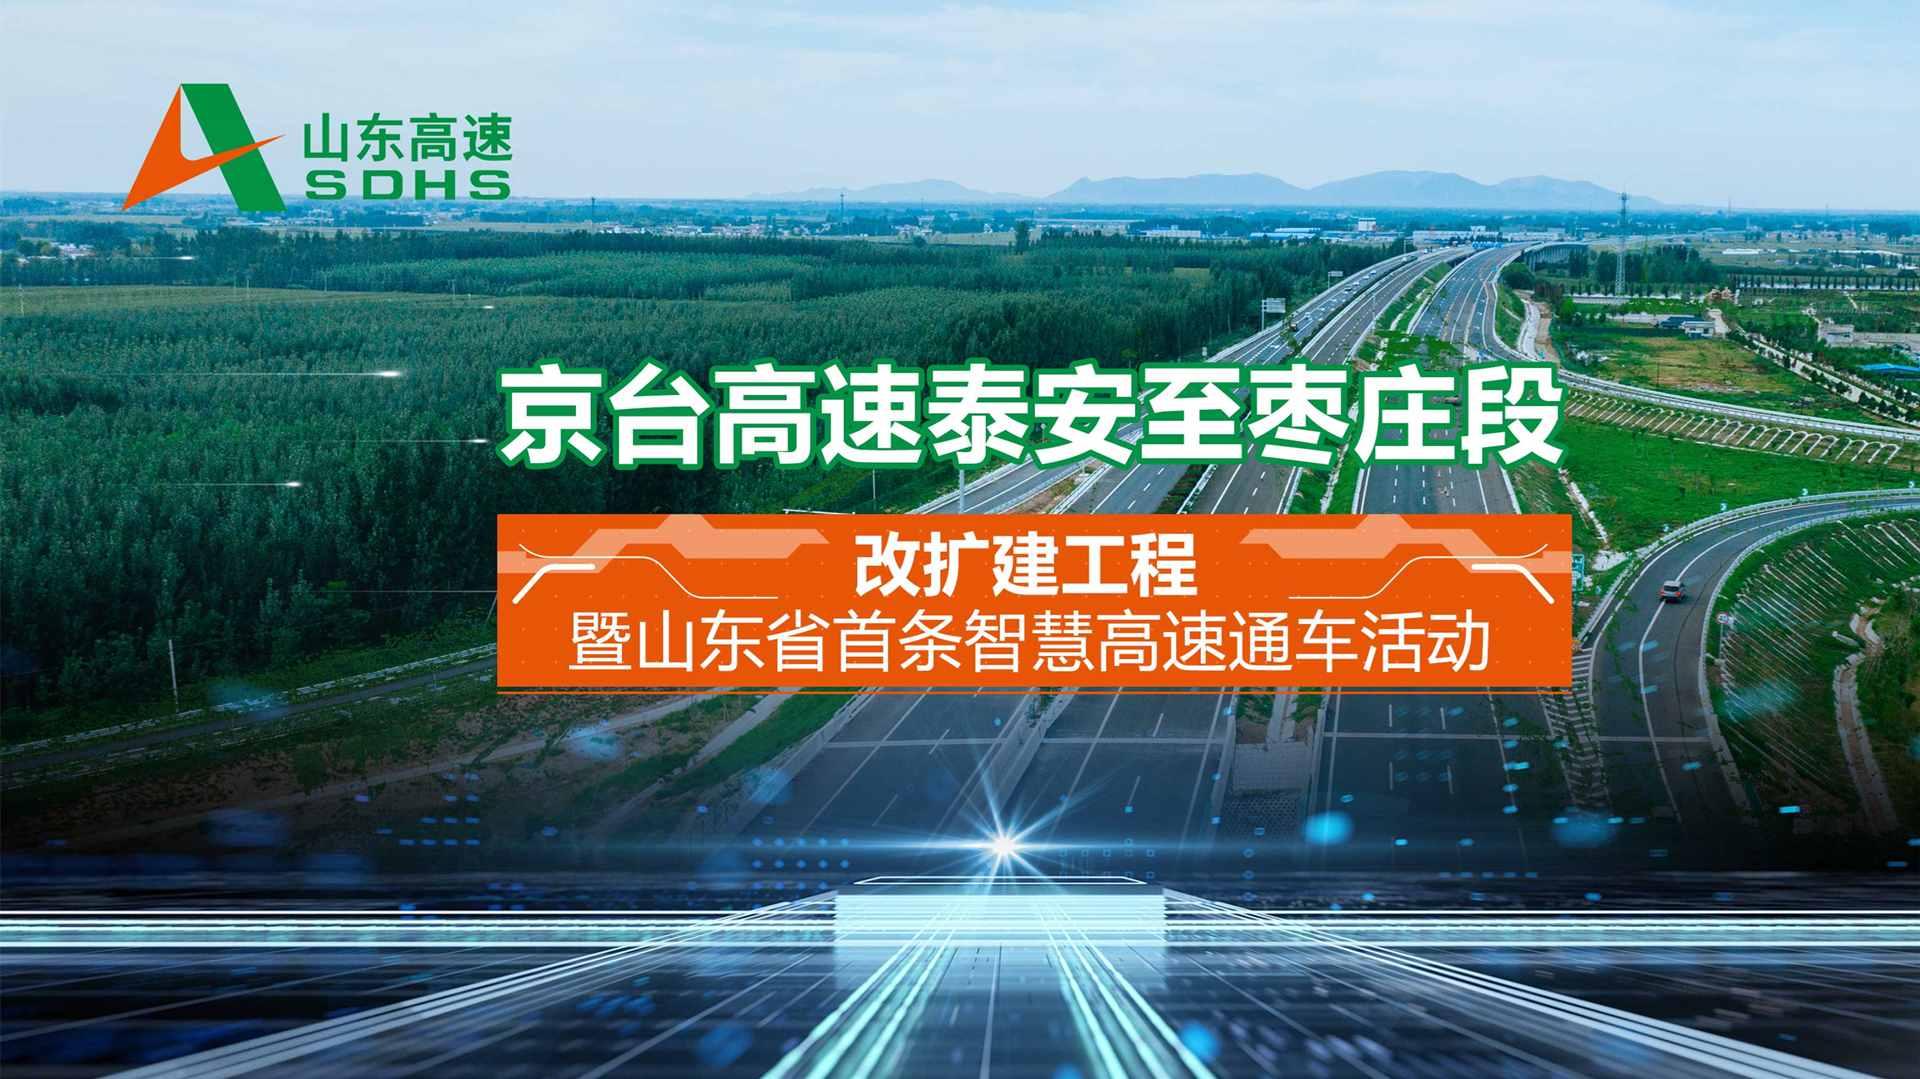 京台高速泰安至枣庄段改扩建工程暨山东省首条智慧高速通车活动